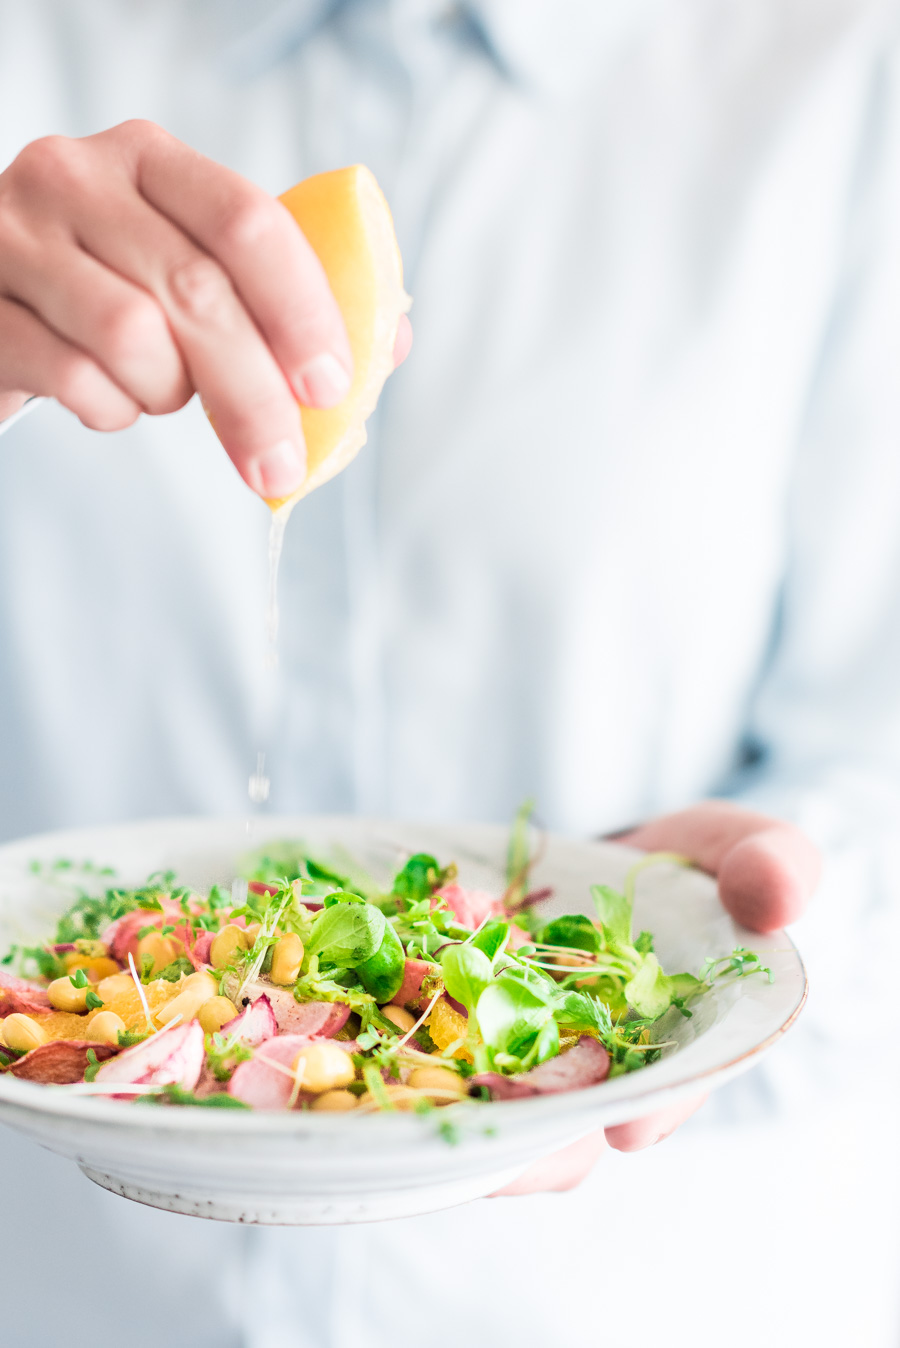 salade met geroosterde radijsjes en citroendressing